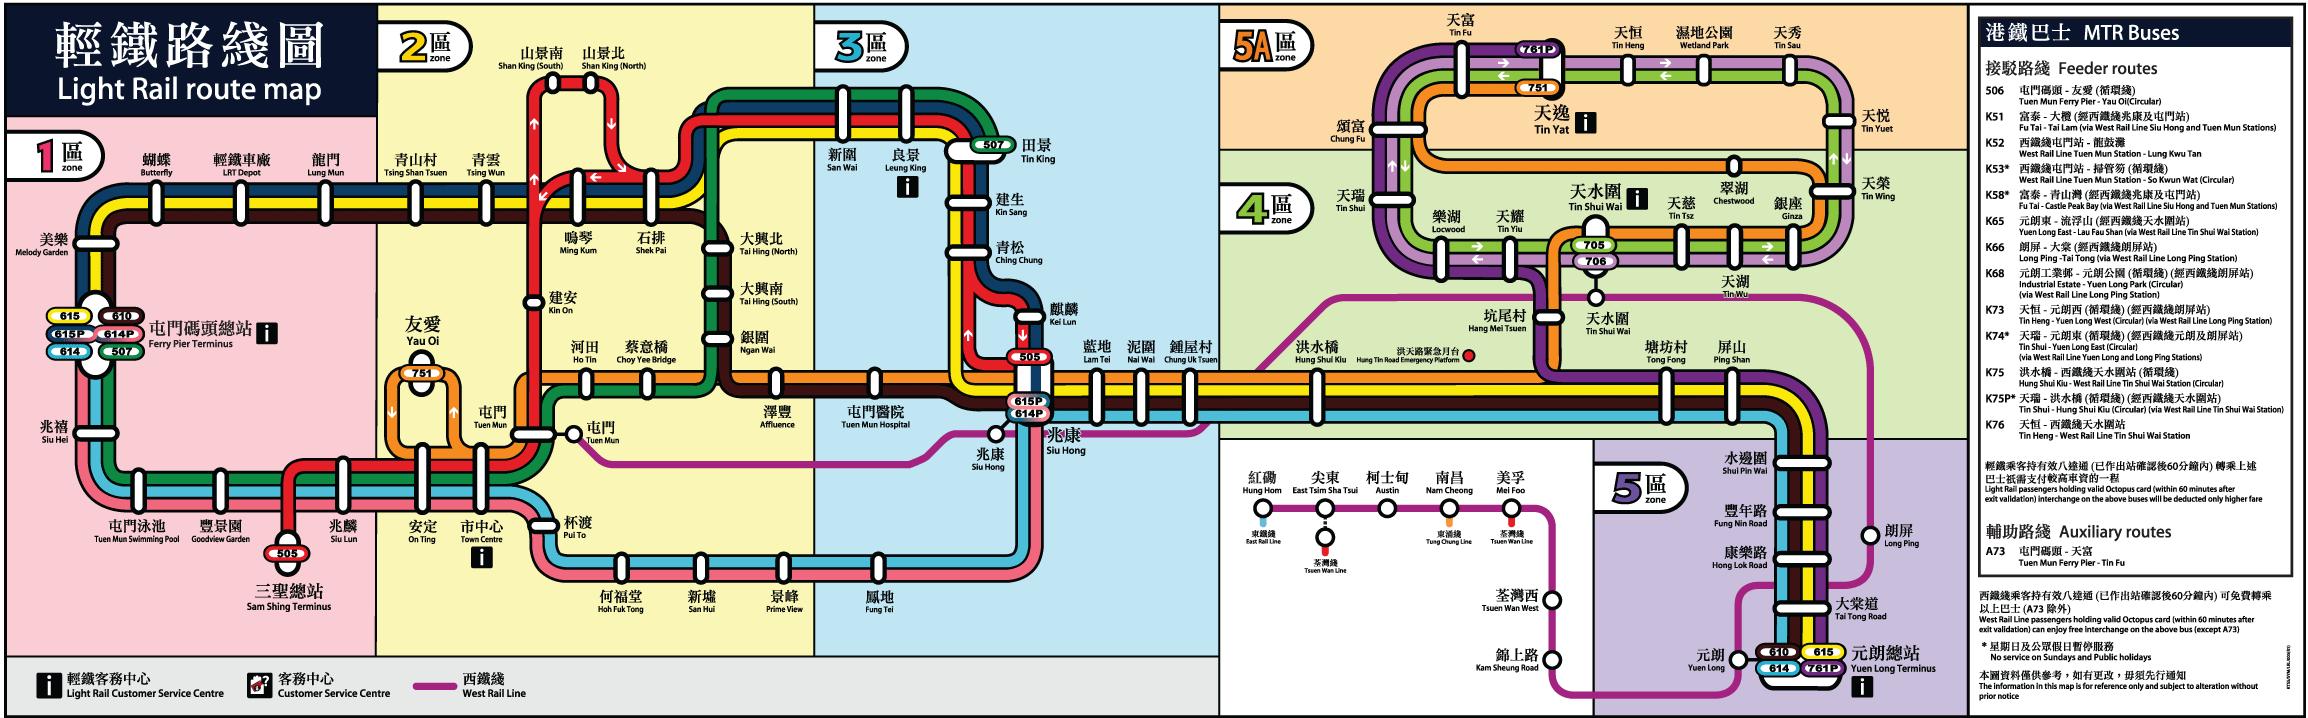 Hong Kong Tram Map (light Metro) large map